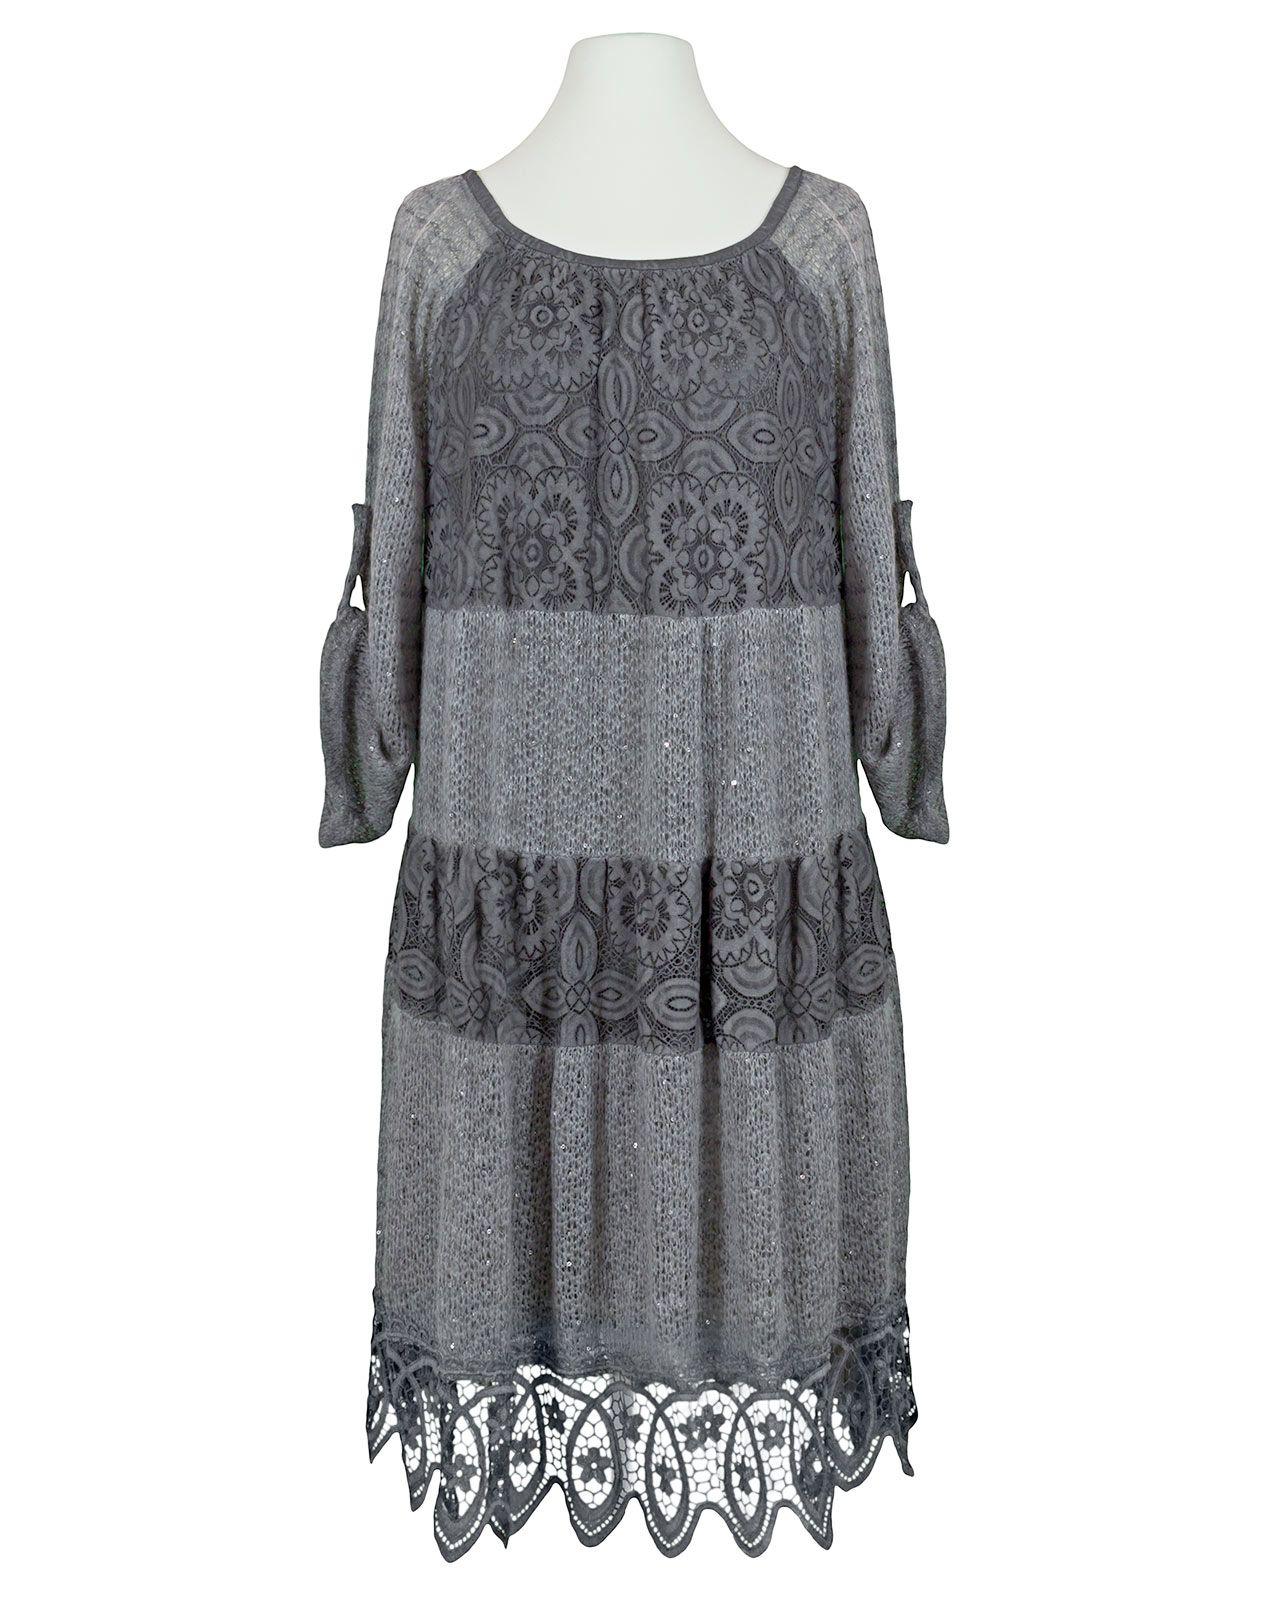 kleid mit spitze, grau bei meinkleidchen kaufen | kleid